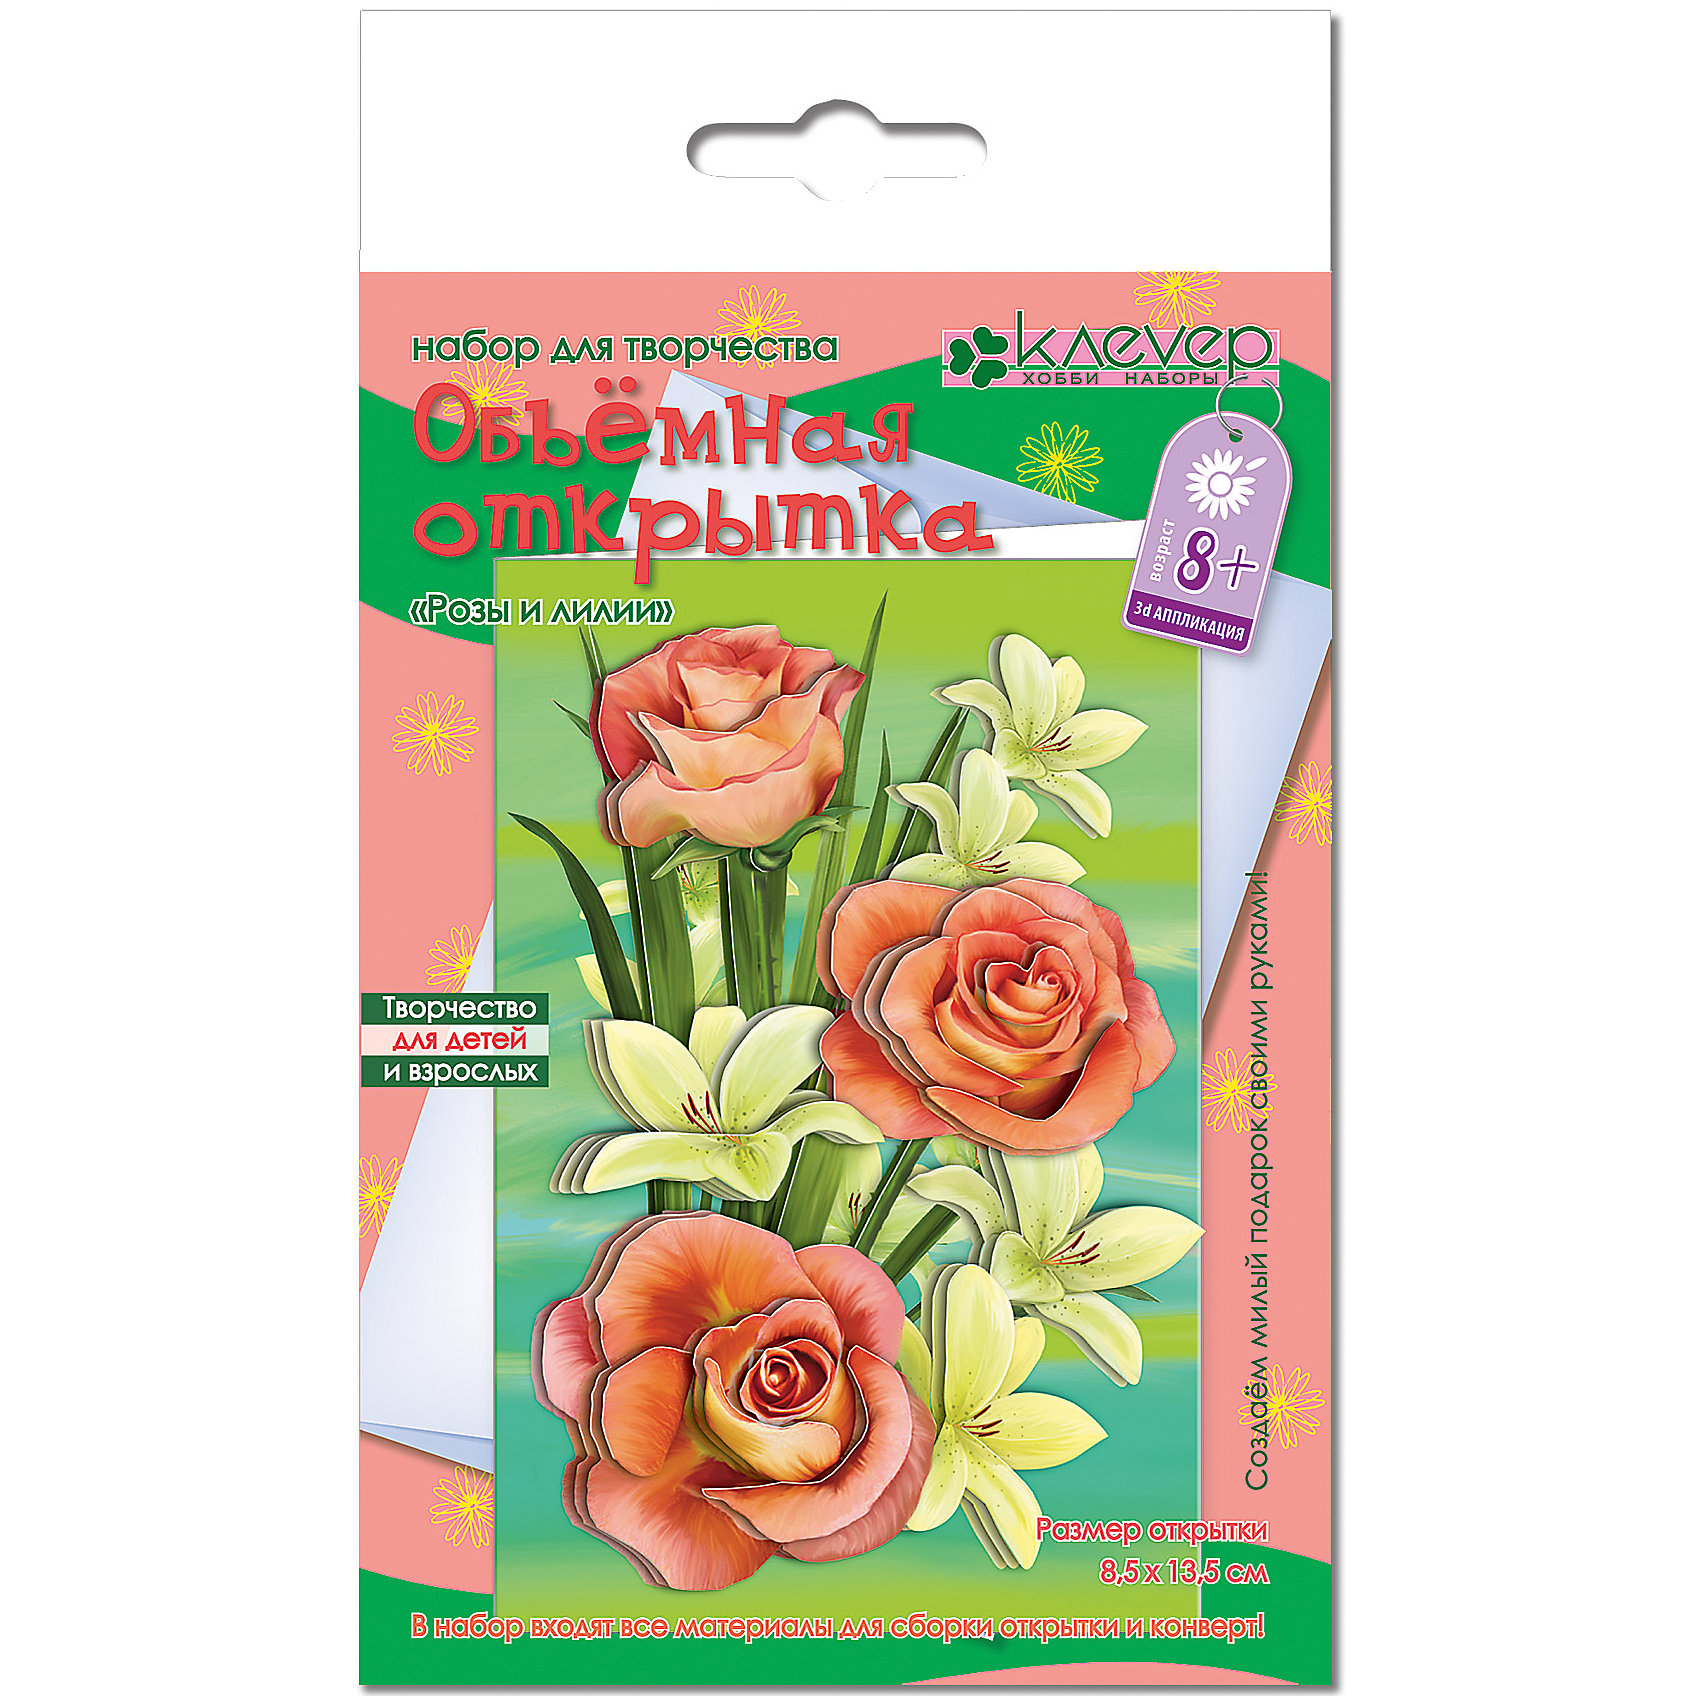 Набор для изготовления открытки Розы и лилииРукоделие<br>Характеристики:<br><br>• Коллекция: объемная открытка<br>• Тематика: цветы<br>• Уровень сложности: средний<br>• Материал: бумага, скотч<br>• Комплектация: набор цветной бумаги, основа, скотч, инструкция<br>• Форма открытки: 3d<br>• Размеры готовой открытки (Ш*В): 8,5*13,5 см<br>• Размеры (Д*Ш*В): 10*18,2*5 см<br>• Вес: 14 г <br>• Упаковка: картонный конверт<br><br>Уникальность данных наборов заключается в том, что они состоят из материалов разных фактур. Благодаря использованию двухстороннего скотча, рабочее место и одежда ребенка не будет испачкана, а поделка будет выглядеть объемной и аккуратной.<br><br>Набор для изготовления открытки Розы и лилии состоит из всех необходимых материалов и инструментов для создания поздравительной открытки с изображением букета из желтых лилий и роз.<br><br>Набор для изготовления открытки Розы и лилии можно купить в нашем интернет-магазине.<br><br>Ширина мм: 100<br>Глубина мм: 182<br>Высота мм: 50<br>Вес г: 14<br>Возраст от месяцев: 96<br>Возраст до месяцев: 144<br>Пол: Унисекс<br>Возраст: Детский<br>SKU: 5541579